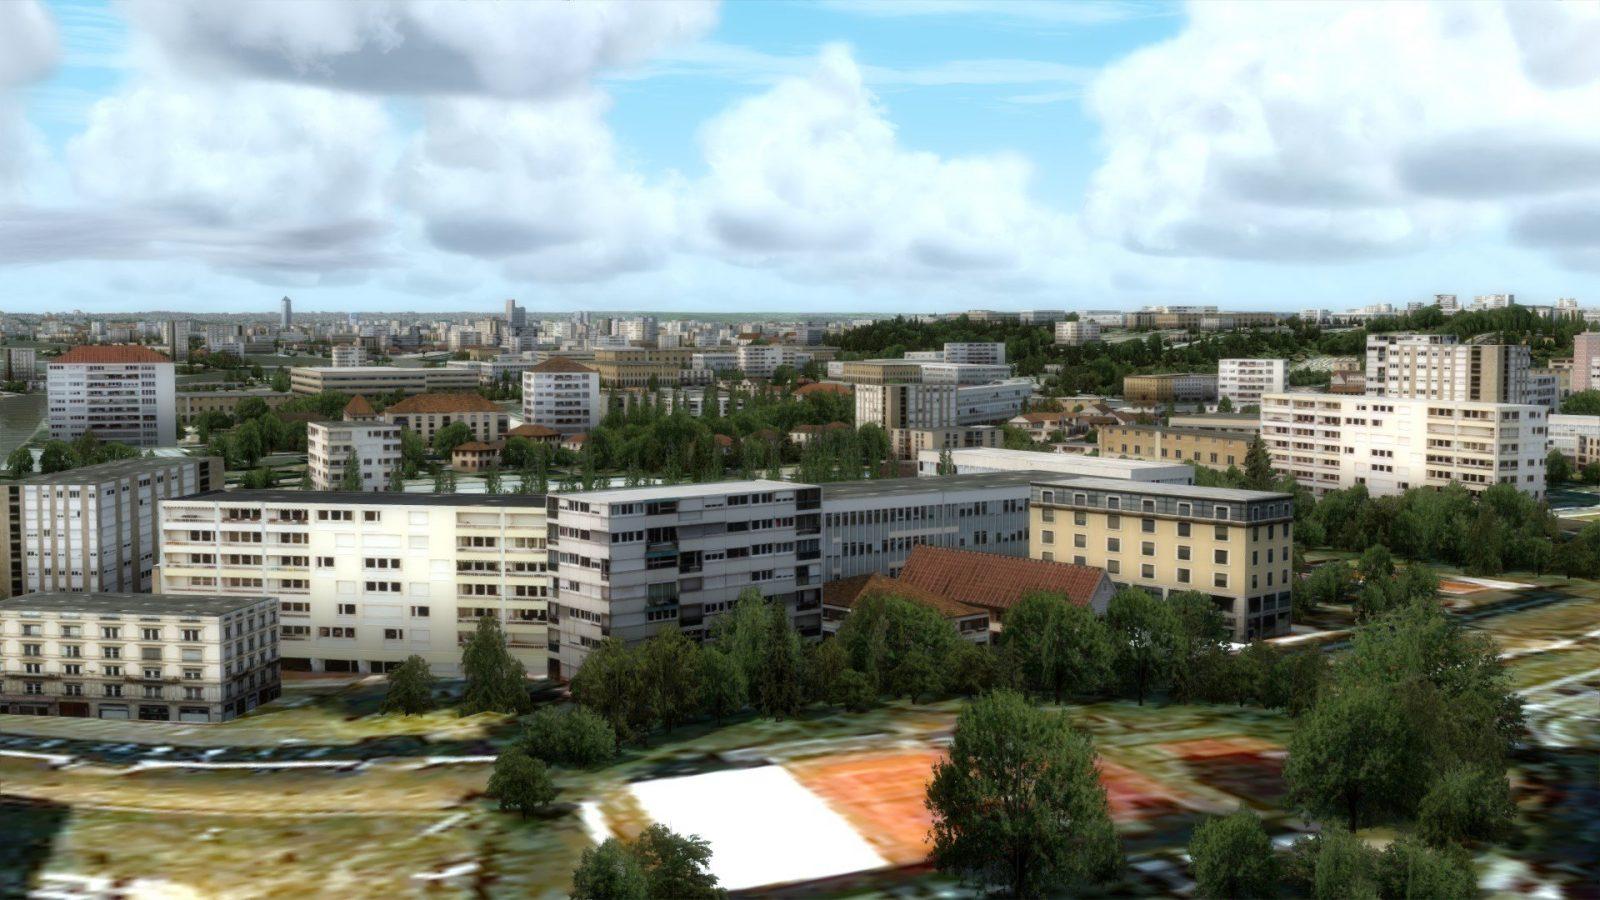 orbx-buildings-hd-previews-8-1600x900.jp